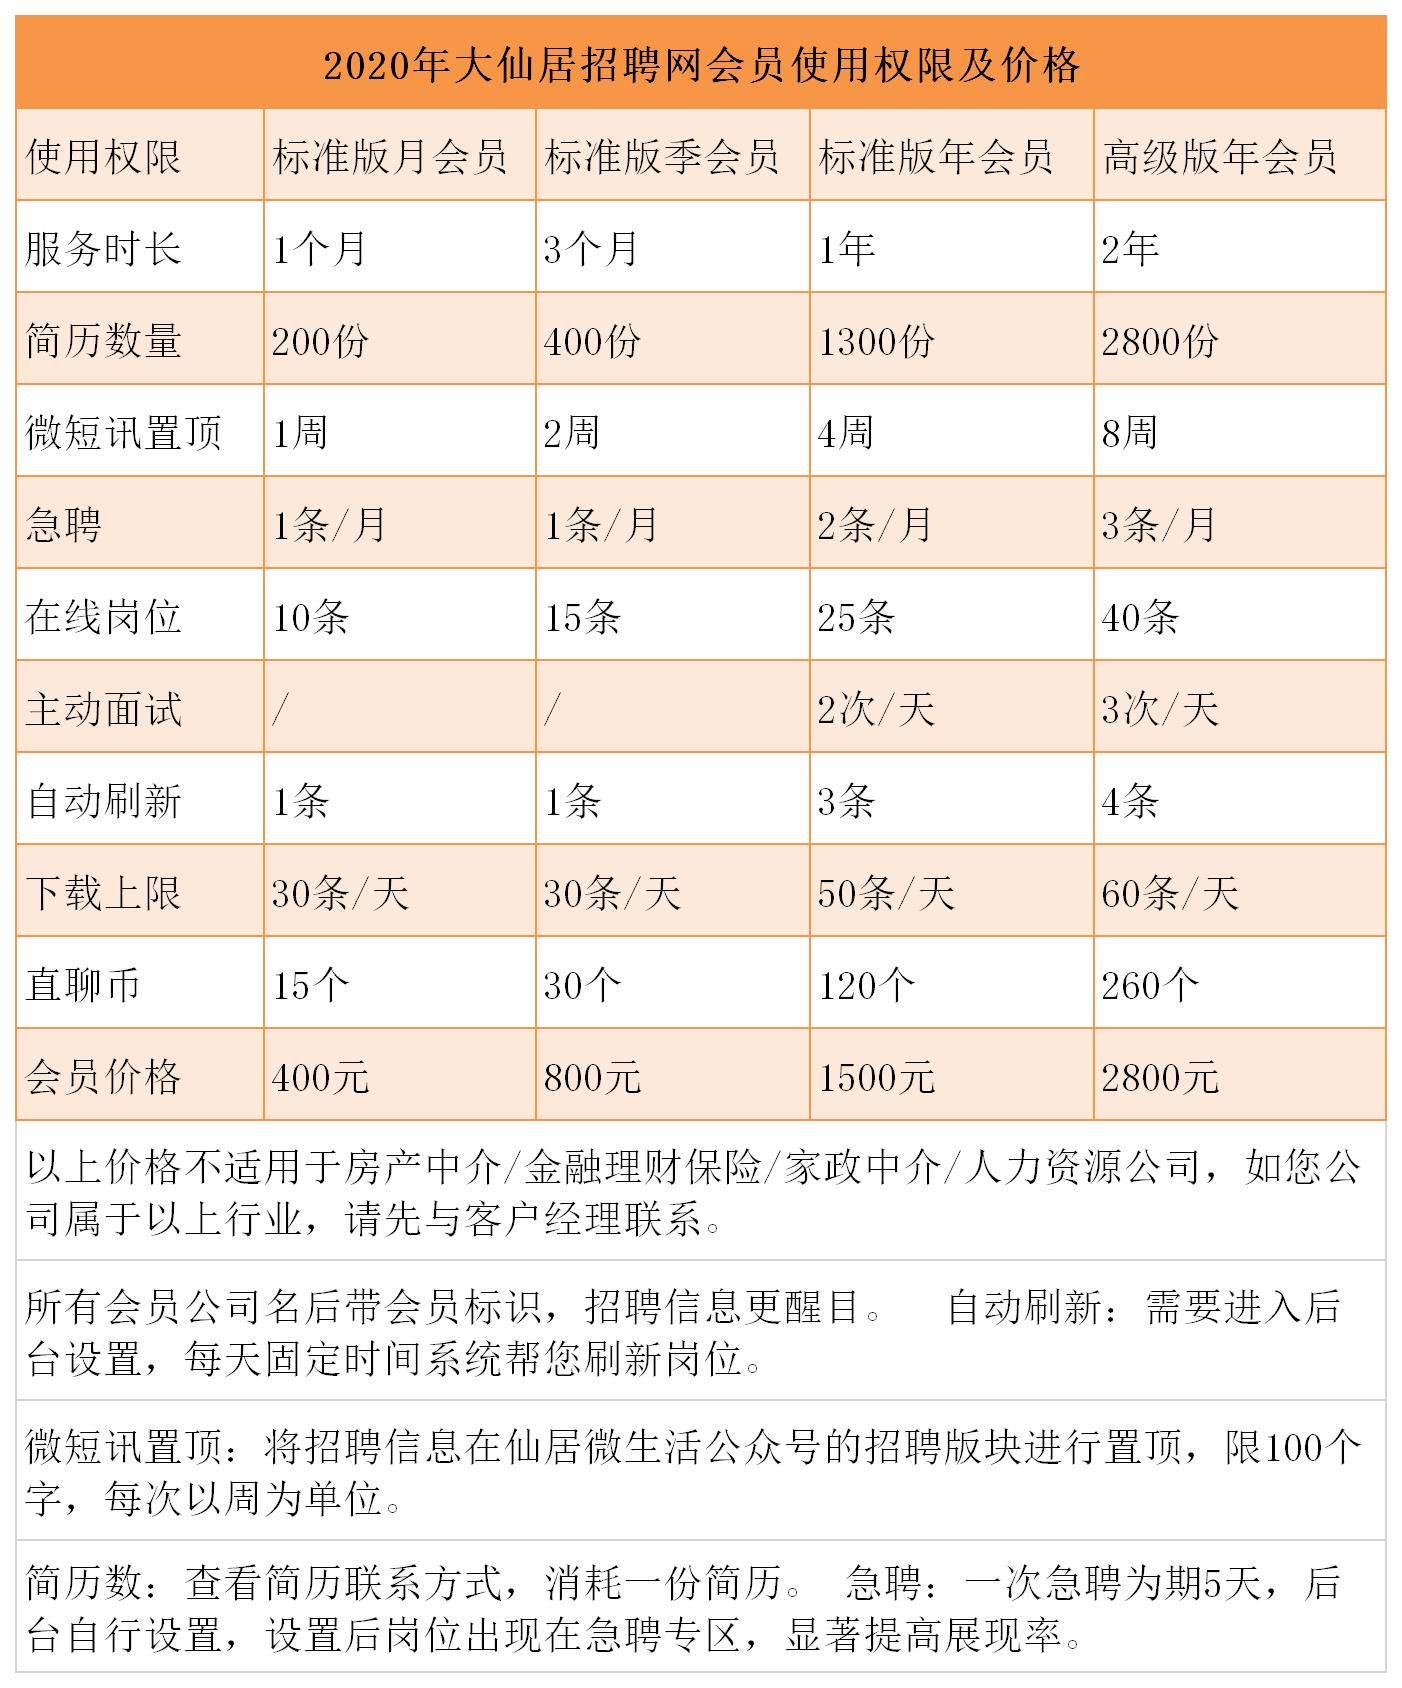 2020年会员级别权限.png